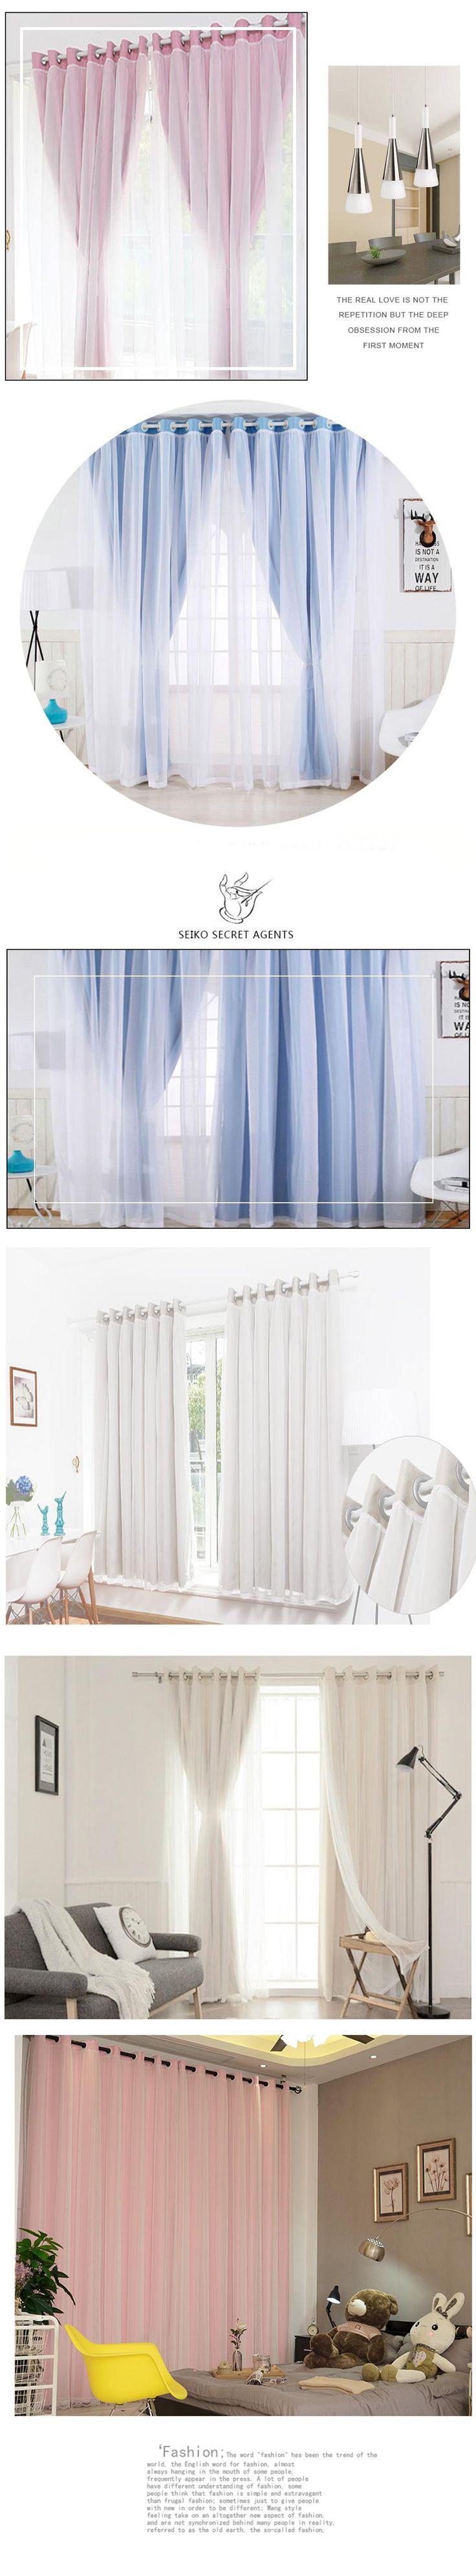 Корейский кисточки фонари глава Топ занавеса + вуаль Sheer плотные шторы для гостиной окно изготовление под заказ купить на AliExpress